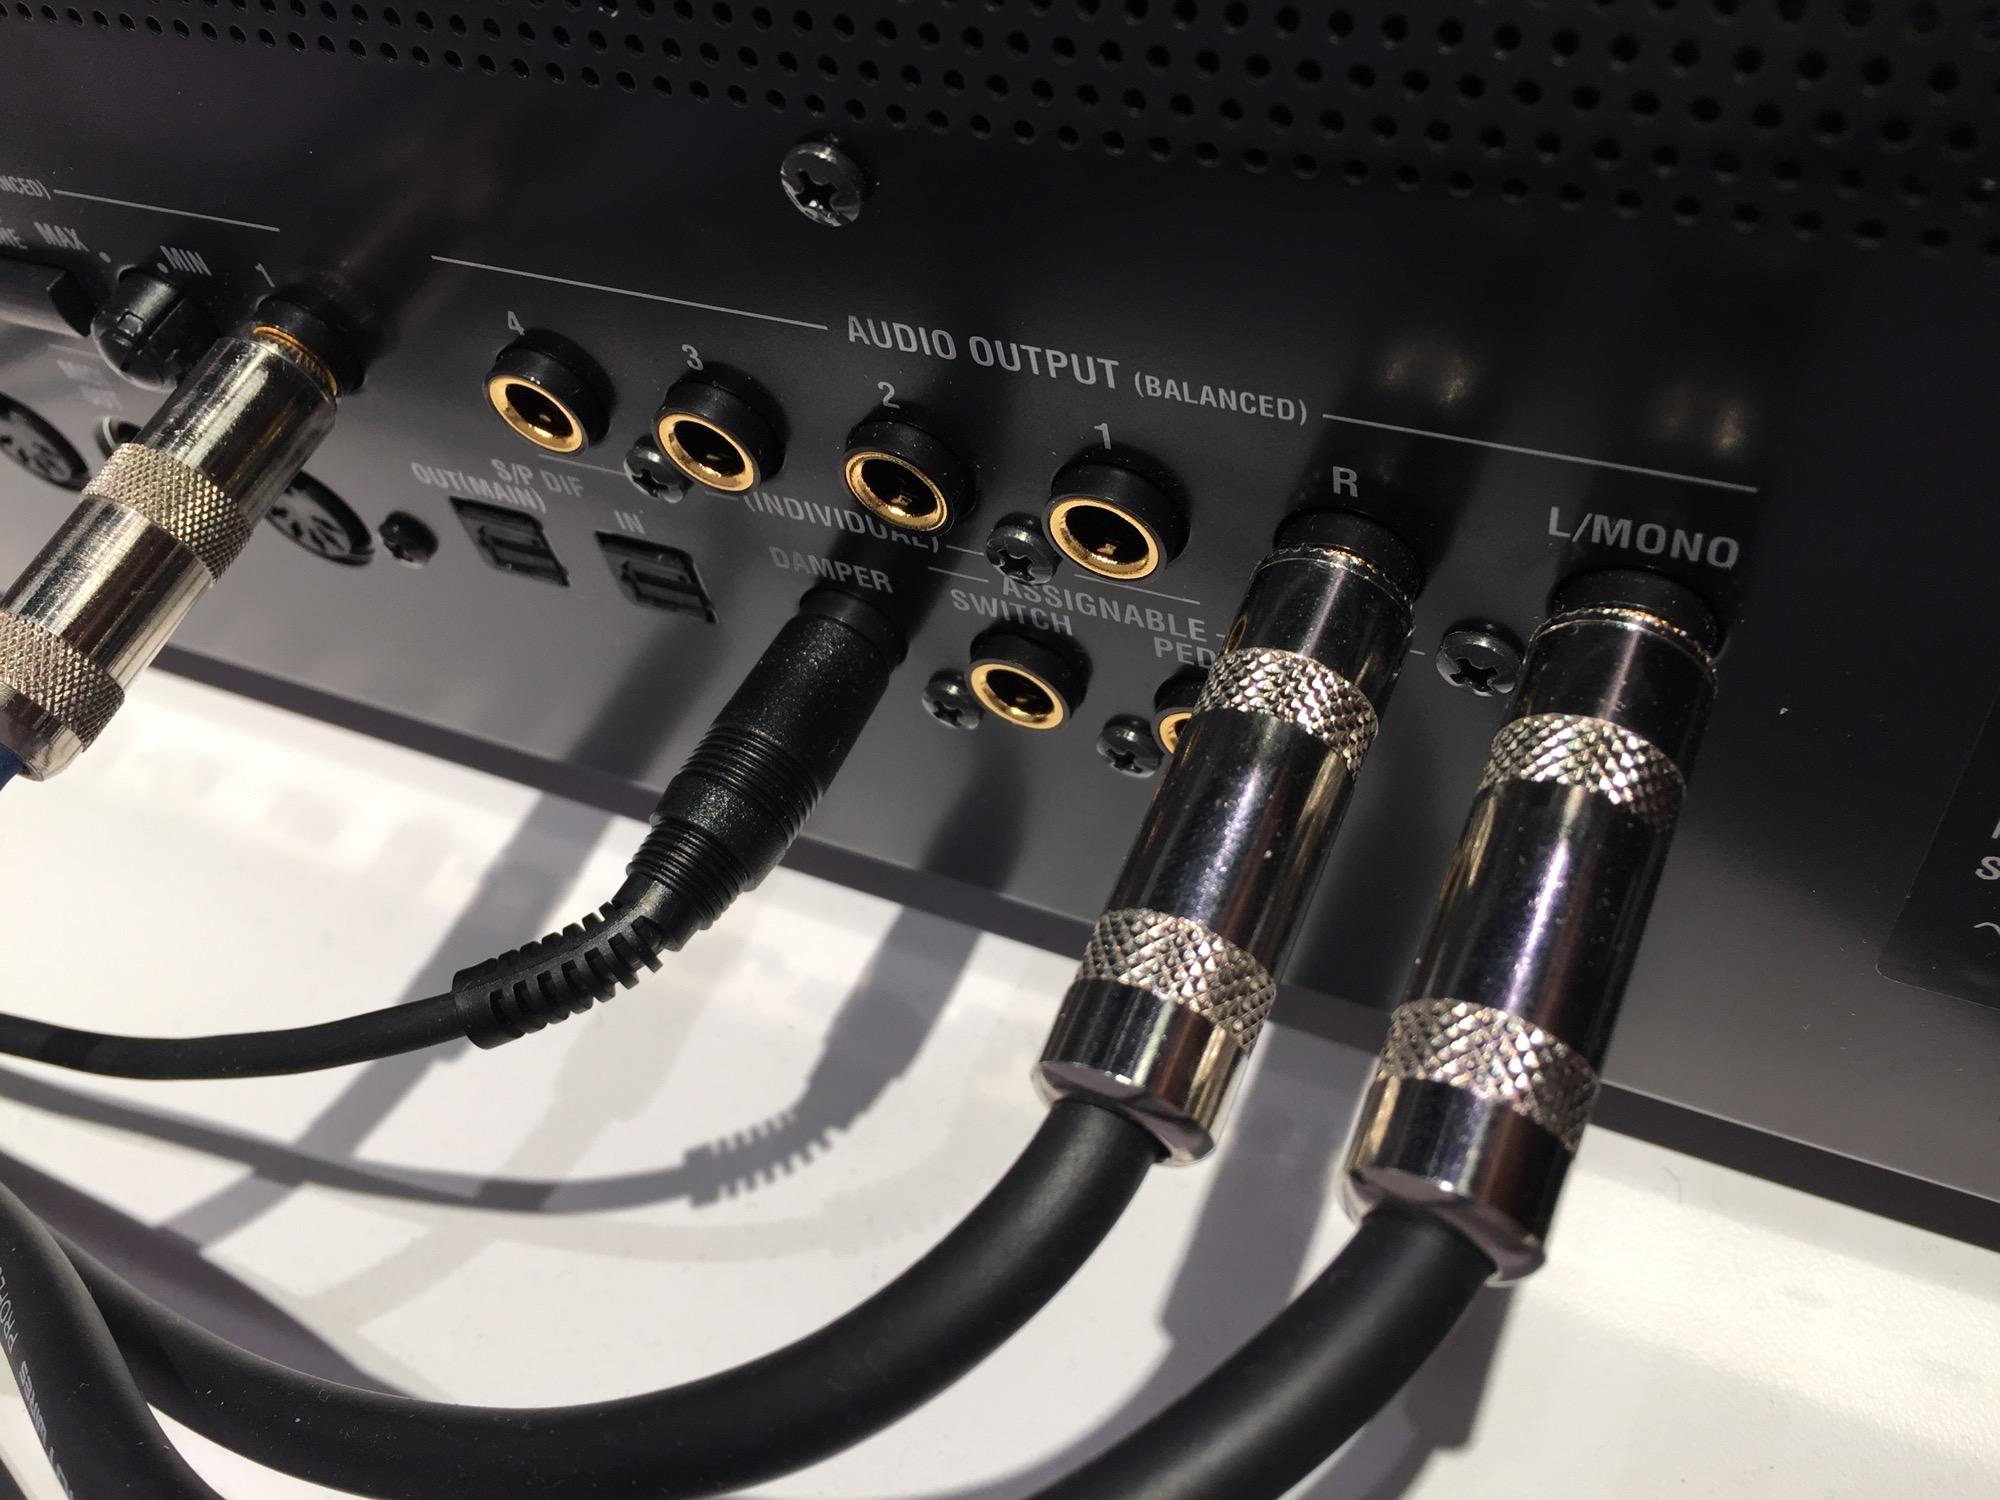 3组立体声音频输出,三个踏板输入,音频接口都使用了镀金来保证品质